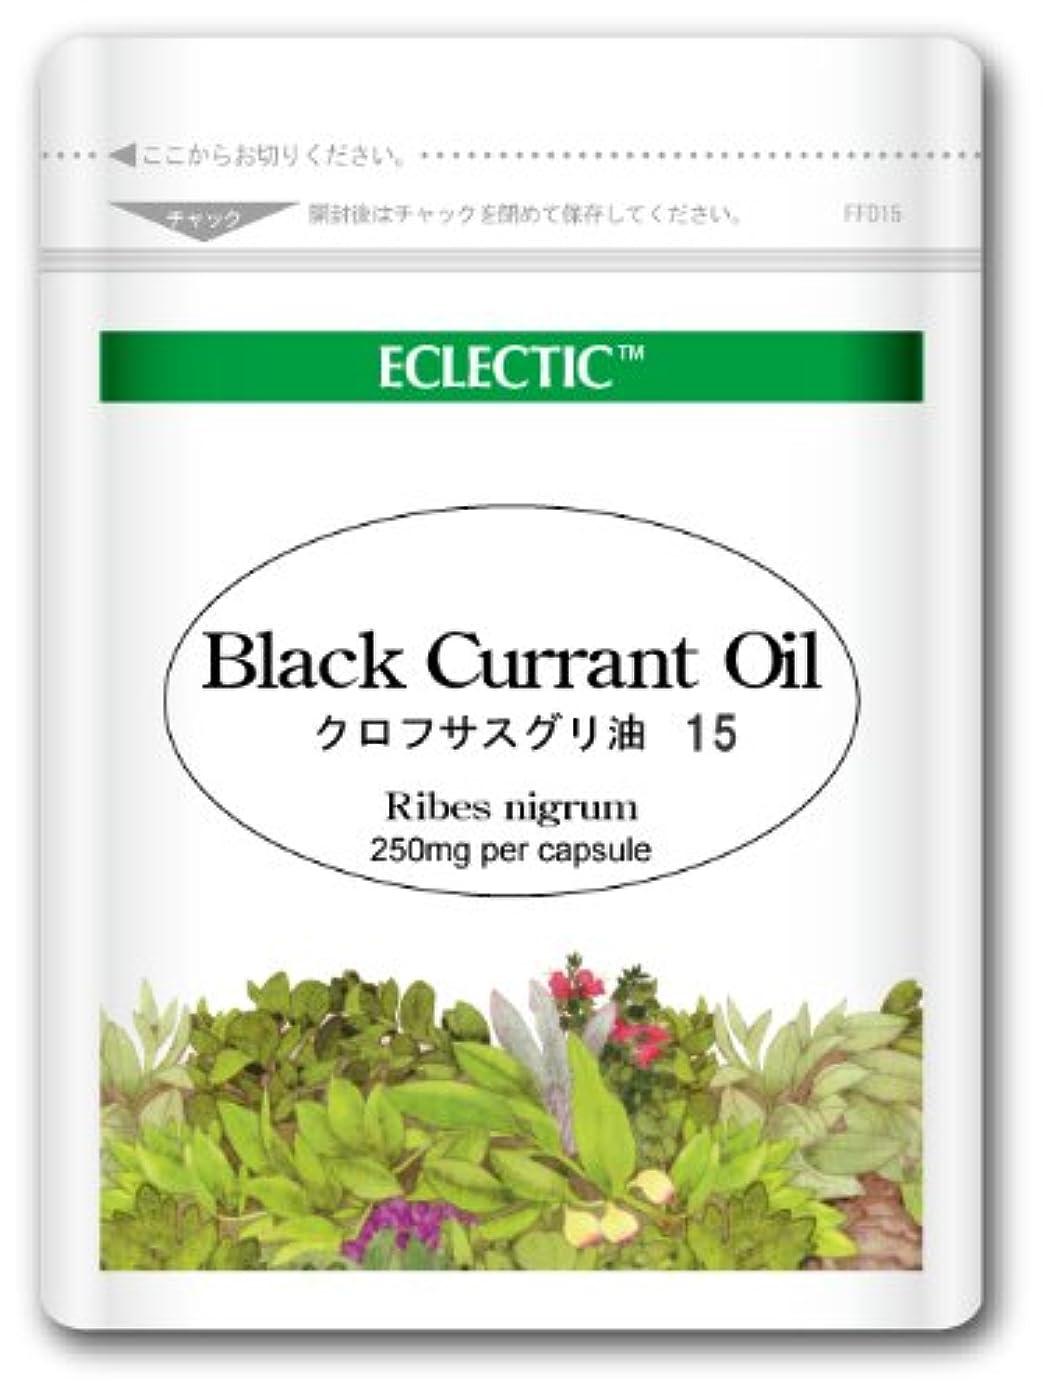 確立しますピックで出来ている【クロフサスグリ油 (Black Currant Oil) オイル 250mg 15カプセル Ecoパック / エクレクティック】